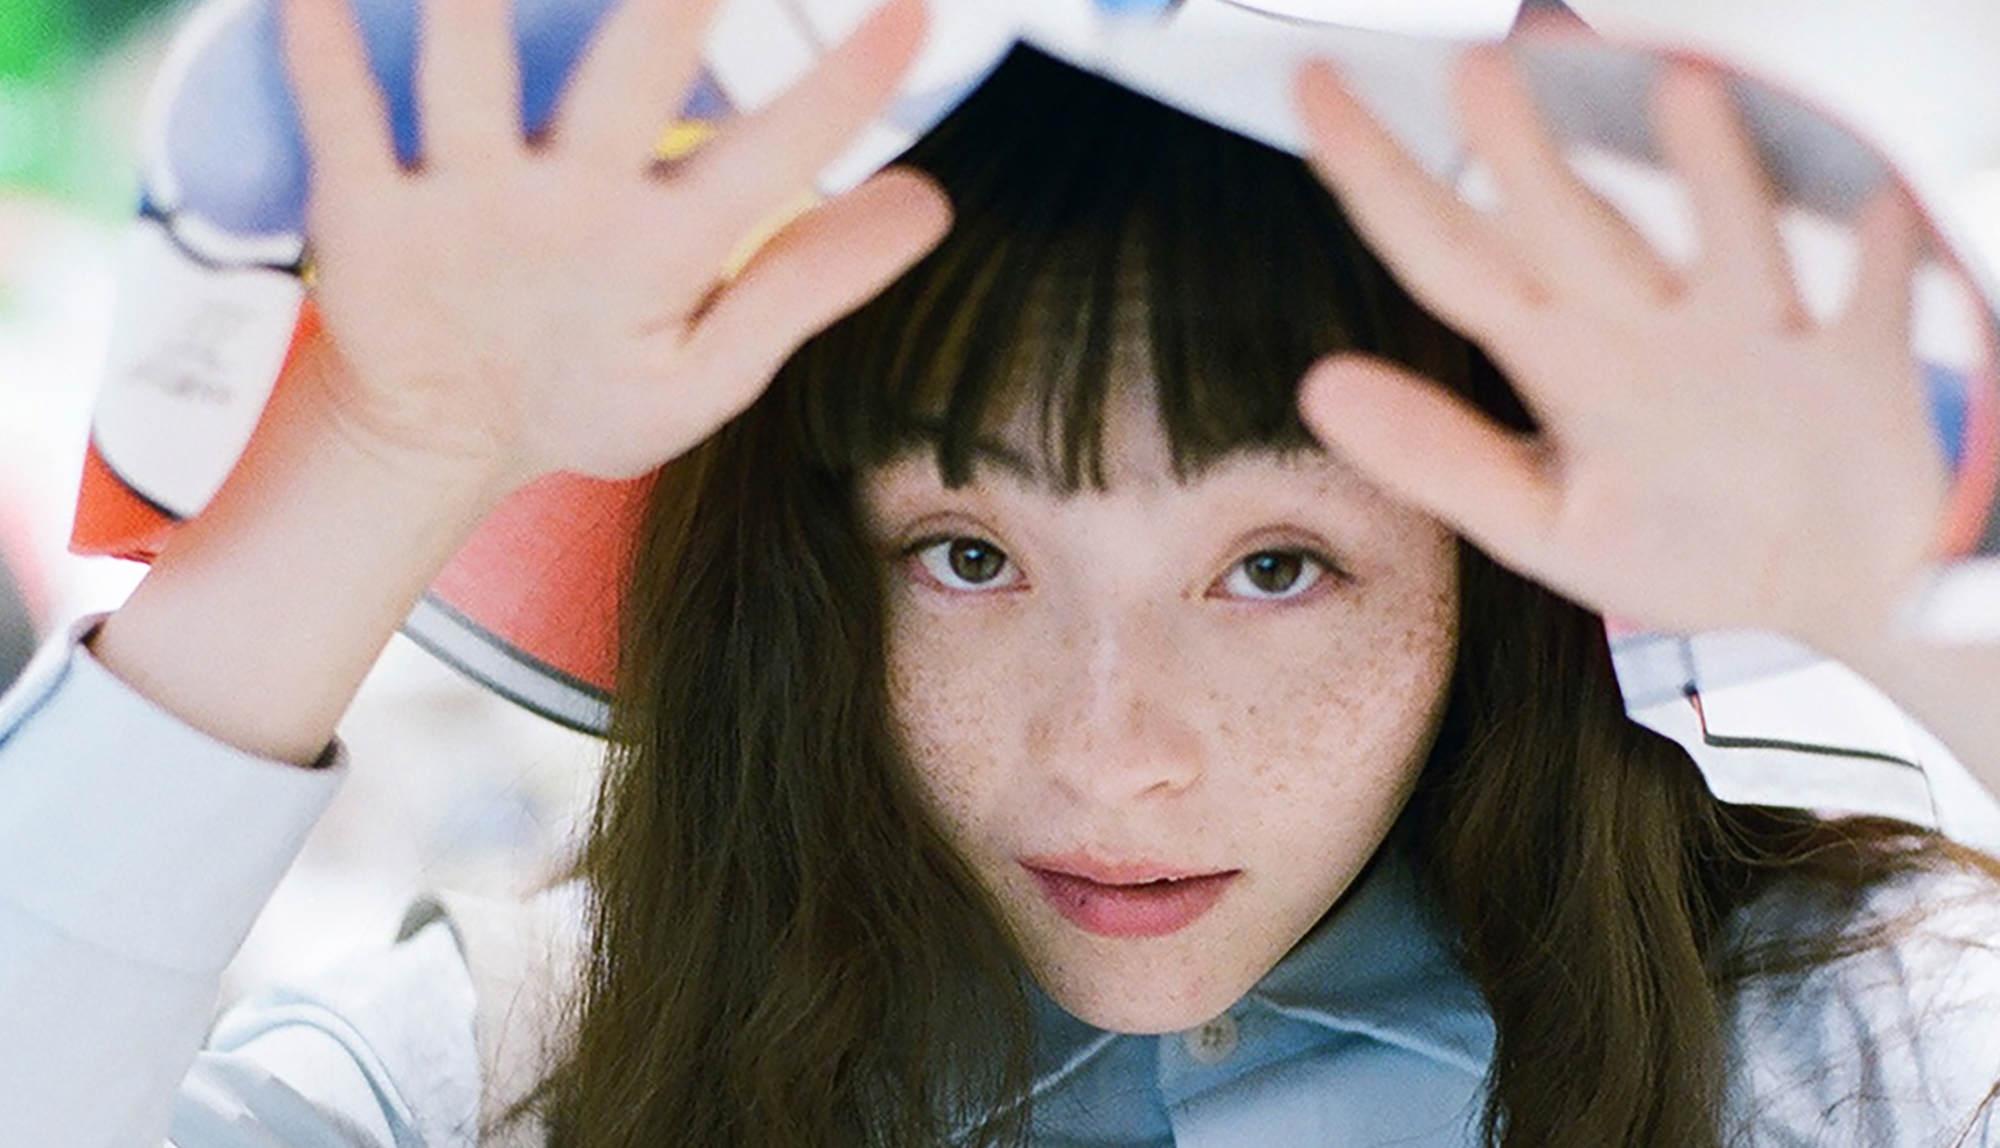 モトーラ世理奈×FRED PERRY/ほぼ日カルチャん|音楽やファッション、手帳や美術展など、文化とカルチャーに出合える渋谷PARCO